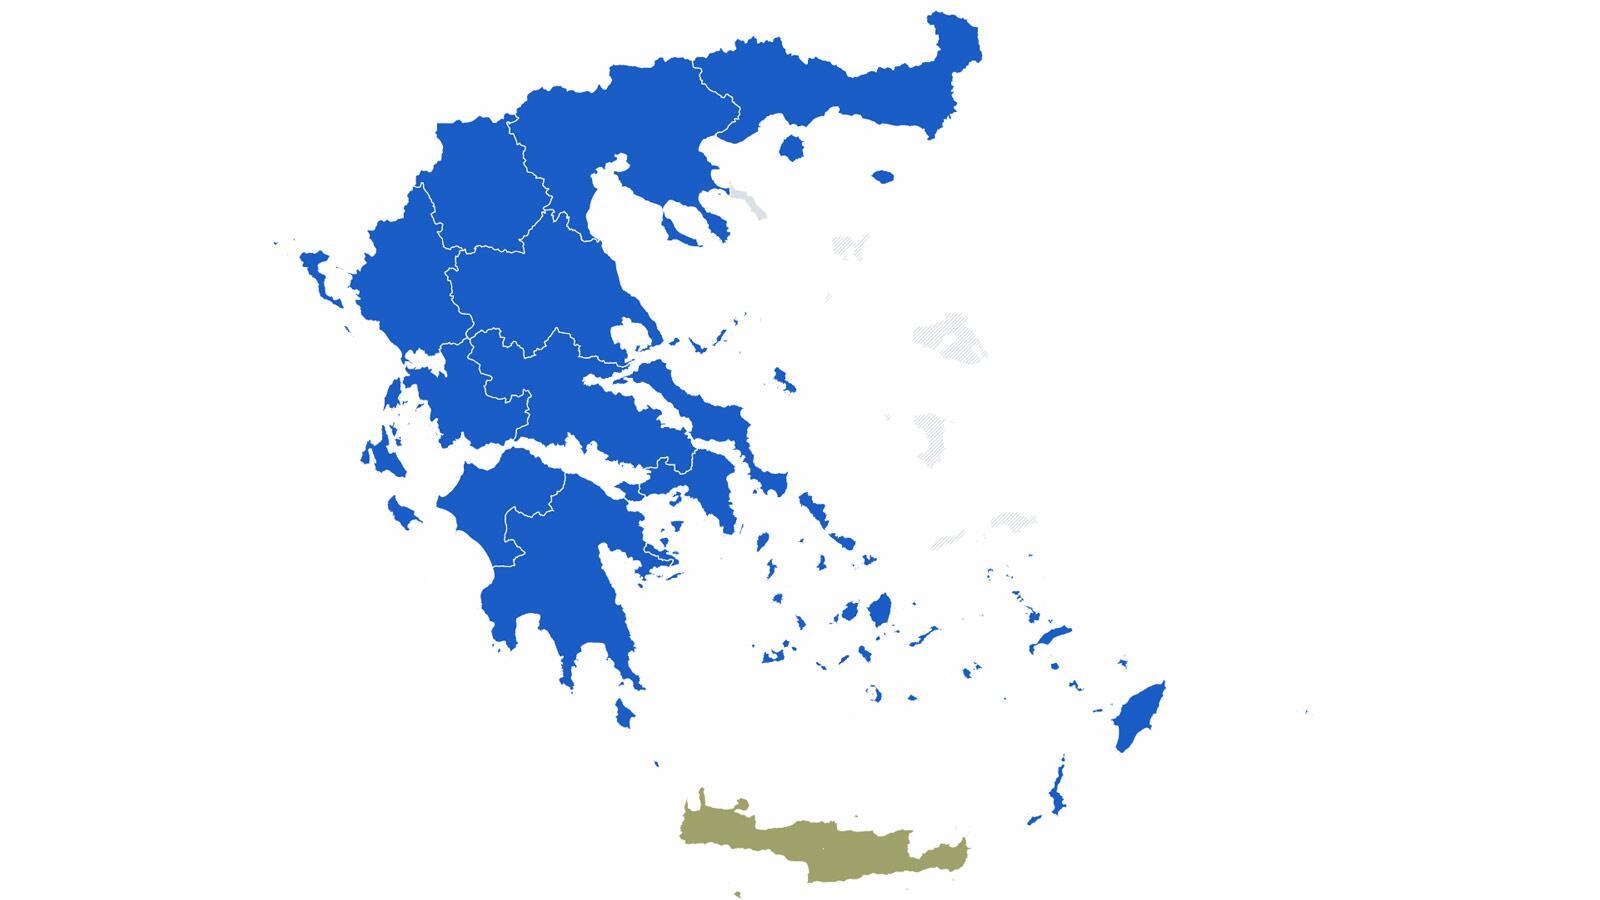 εκλογικός χάρτης περιφερείες 2019